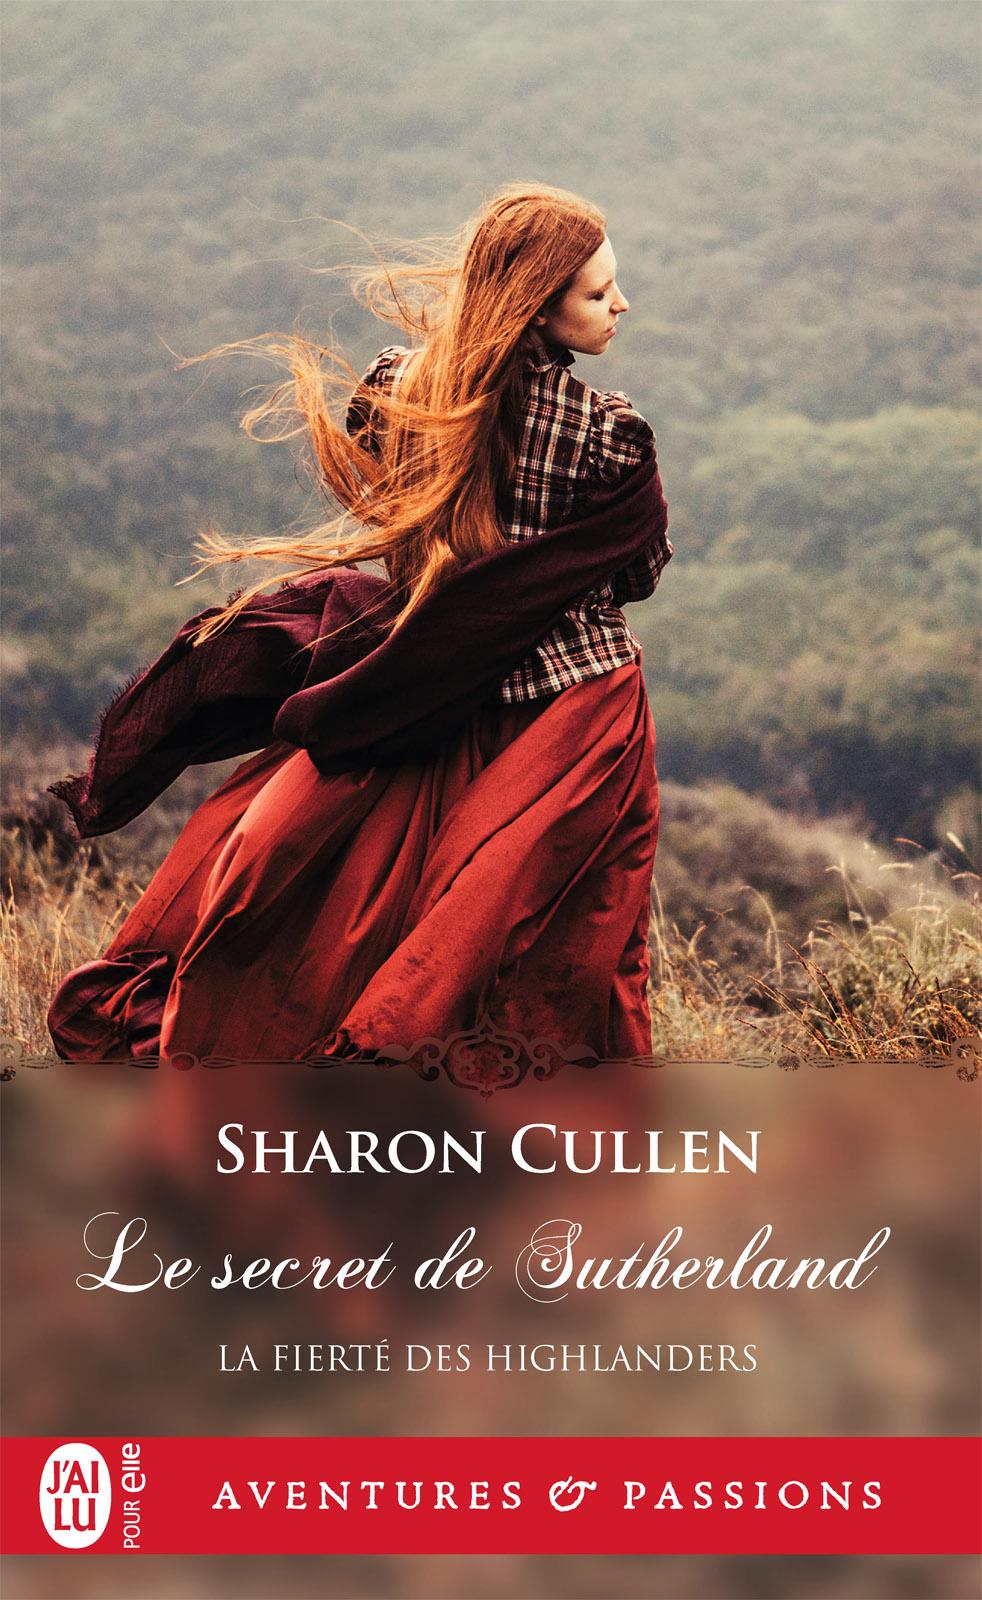 La fierté des Highlanders (...